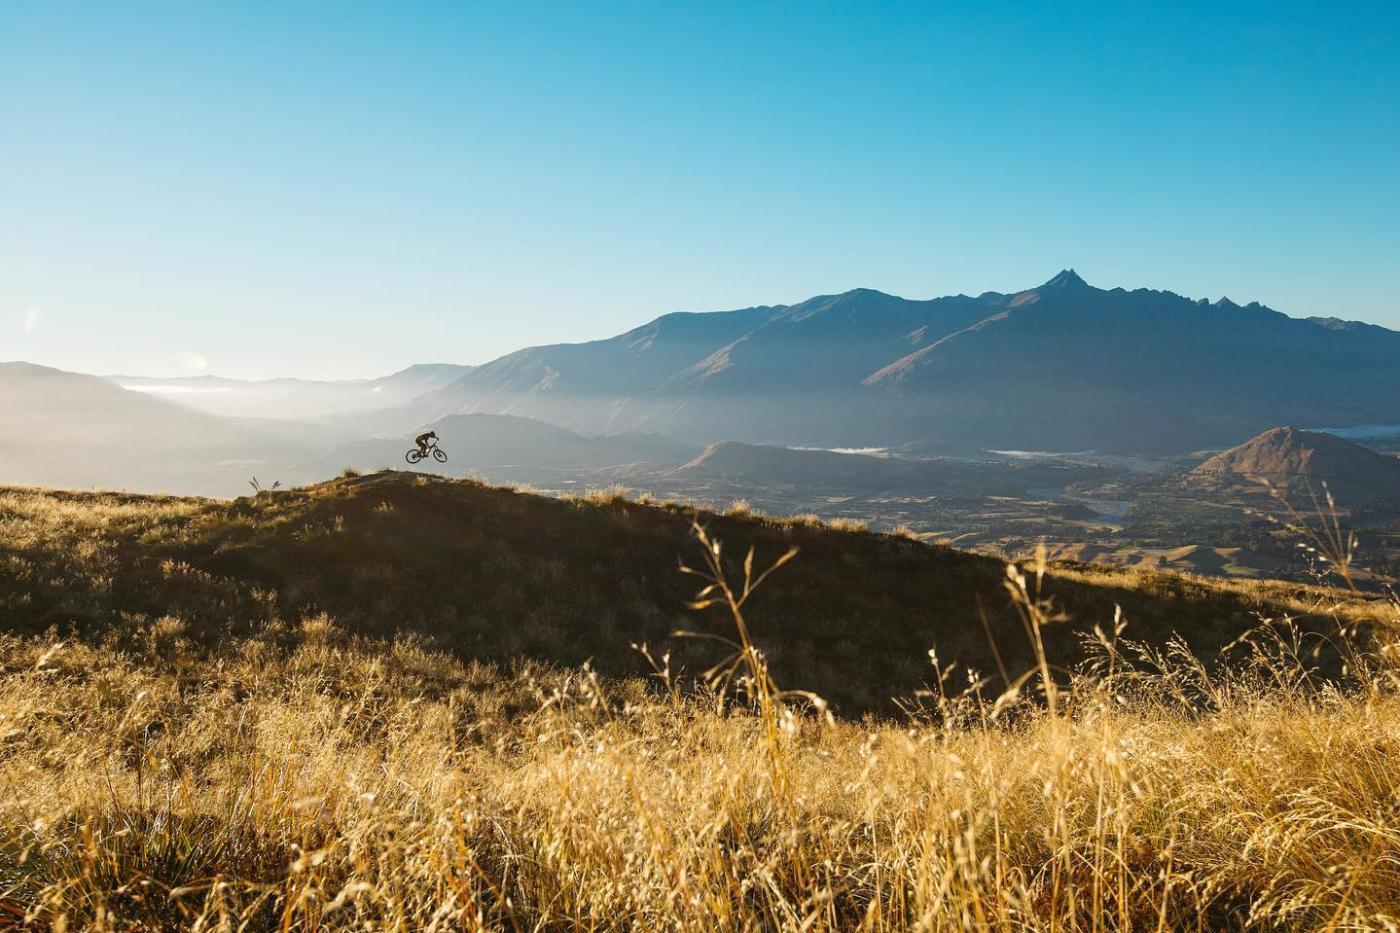 Mountain Biking Rude Rock, Coronet Peak